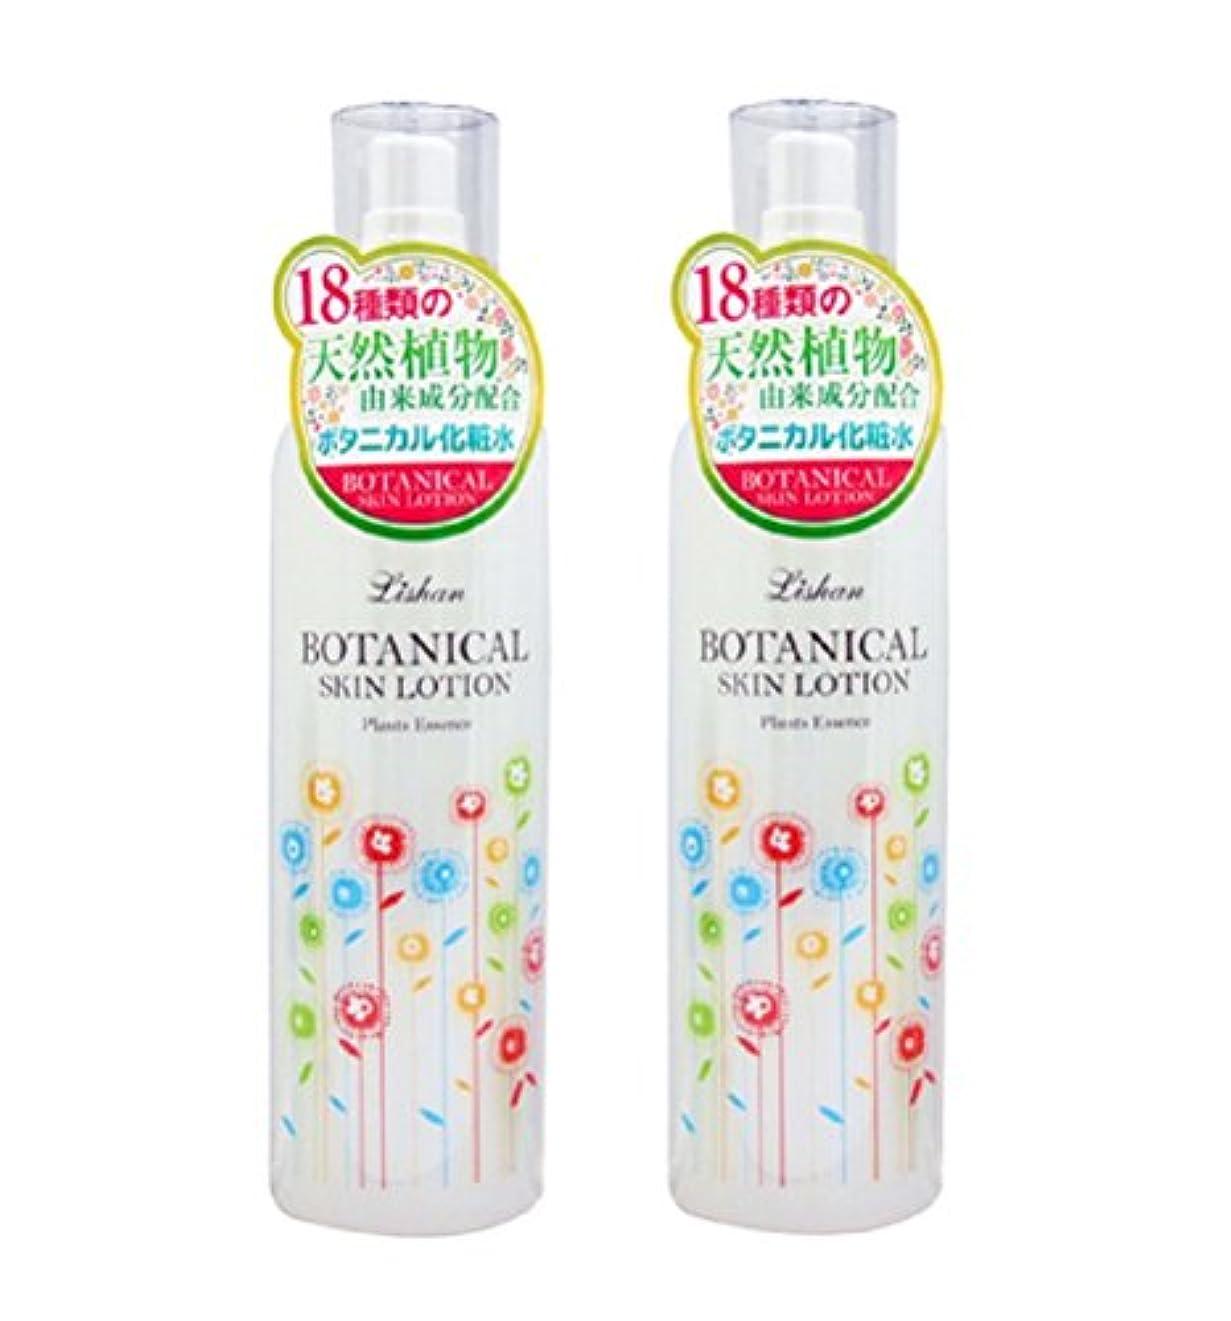 隣接推定する解放リシャン ボタニカル化粧水 フローラルの香り 260ml×2本セット